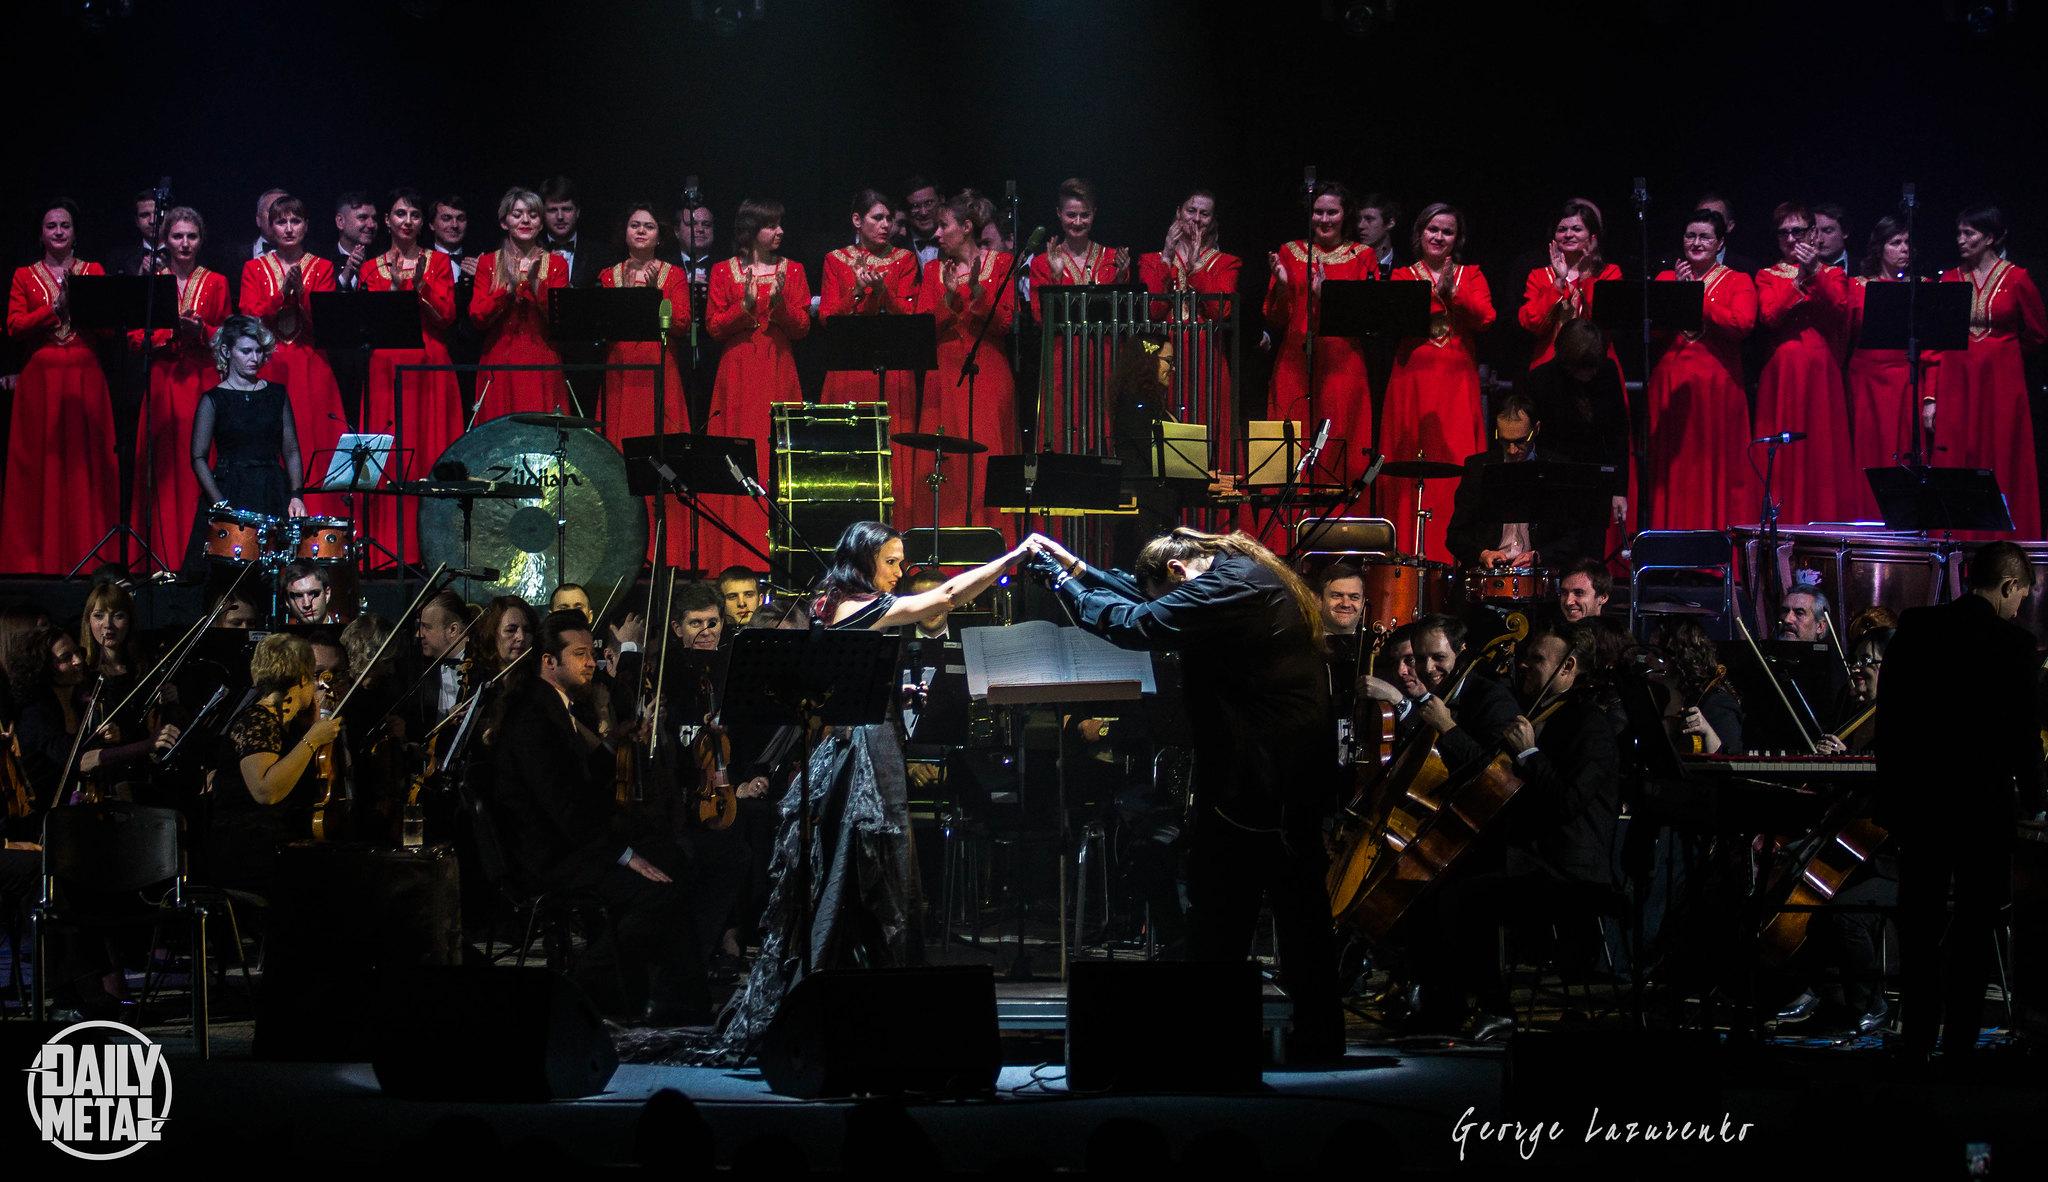 Tarja Turunen live in Kyiv 2017